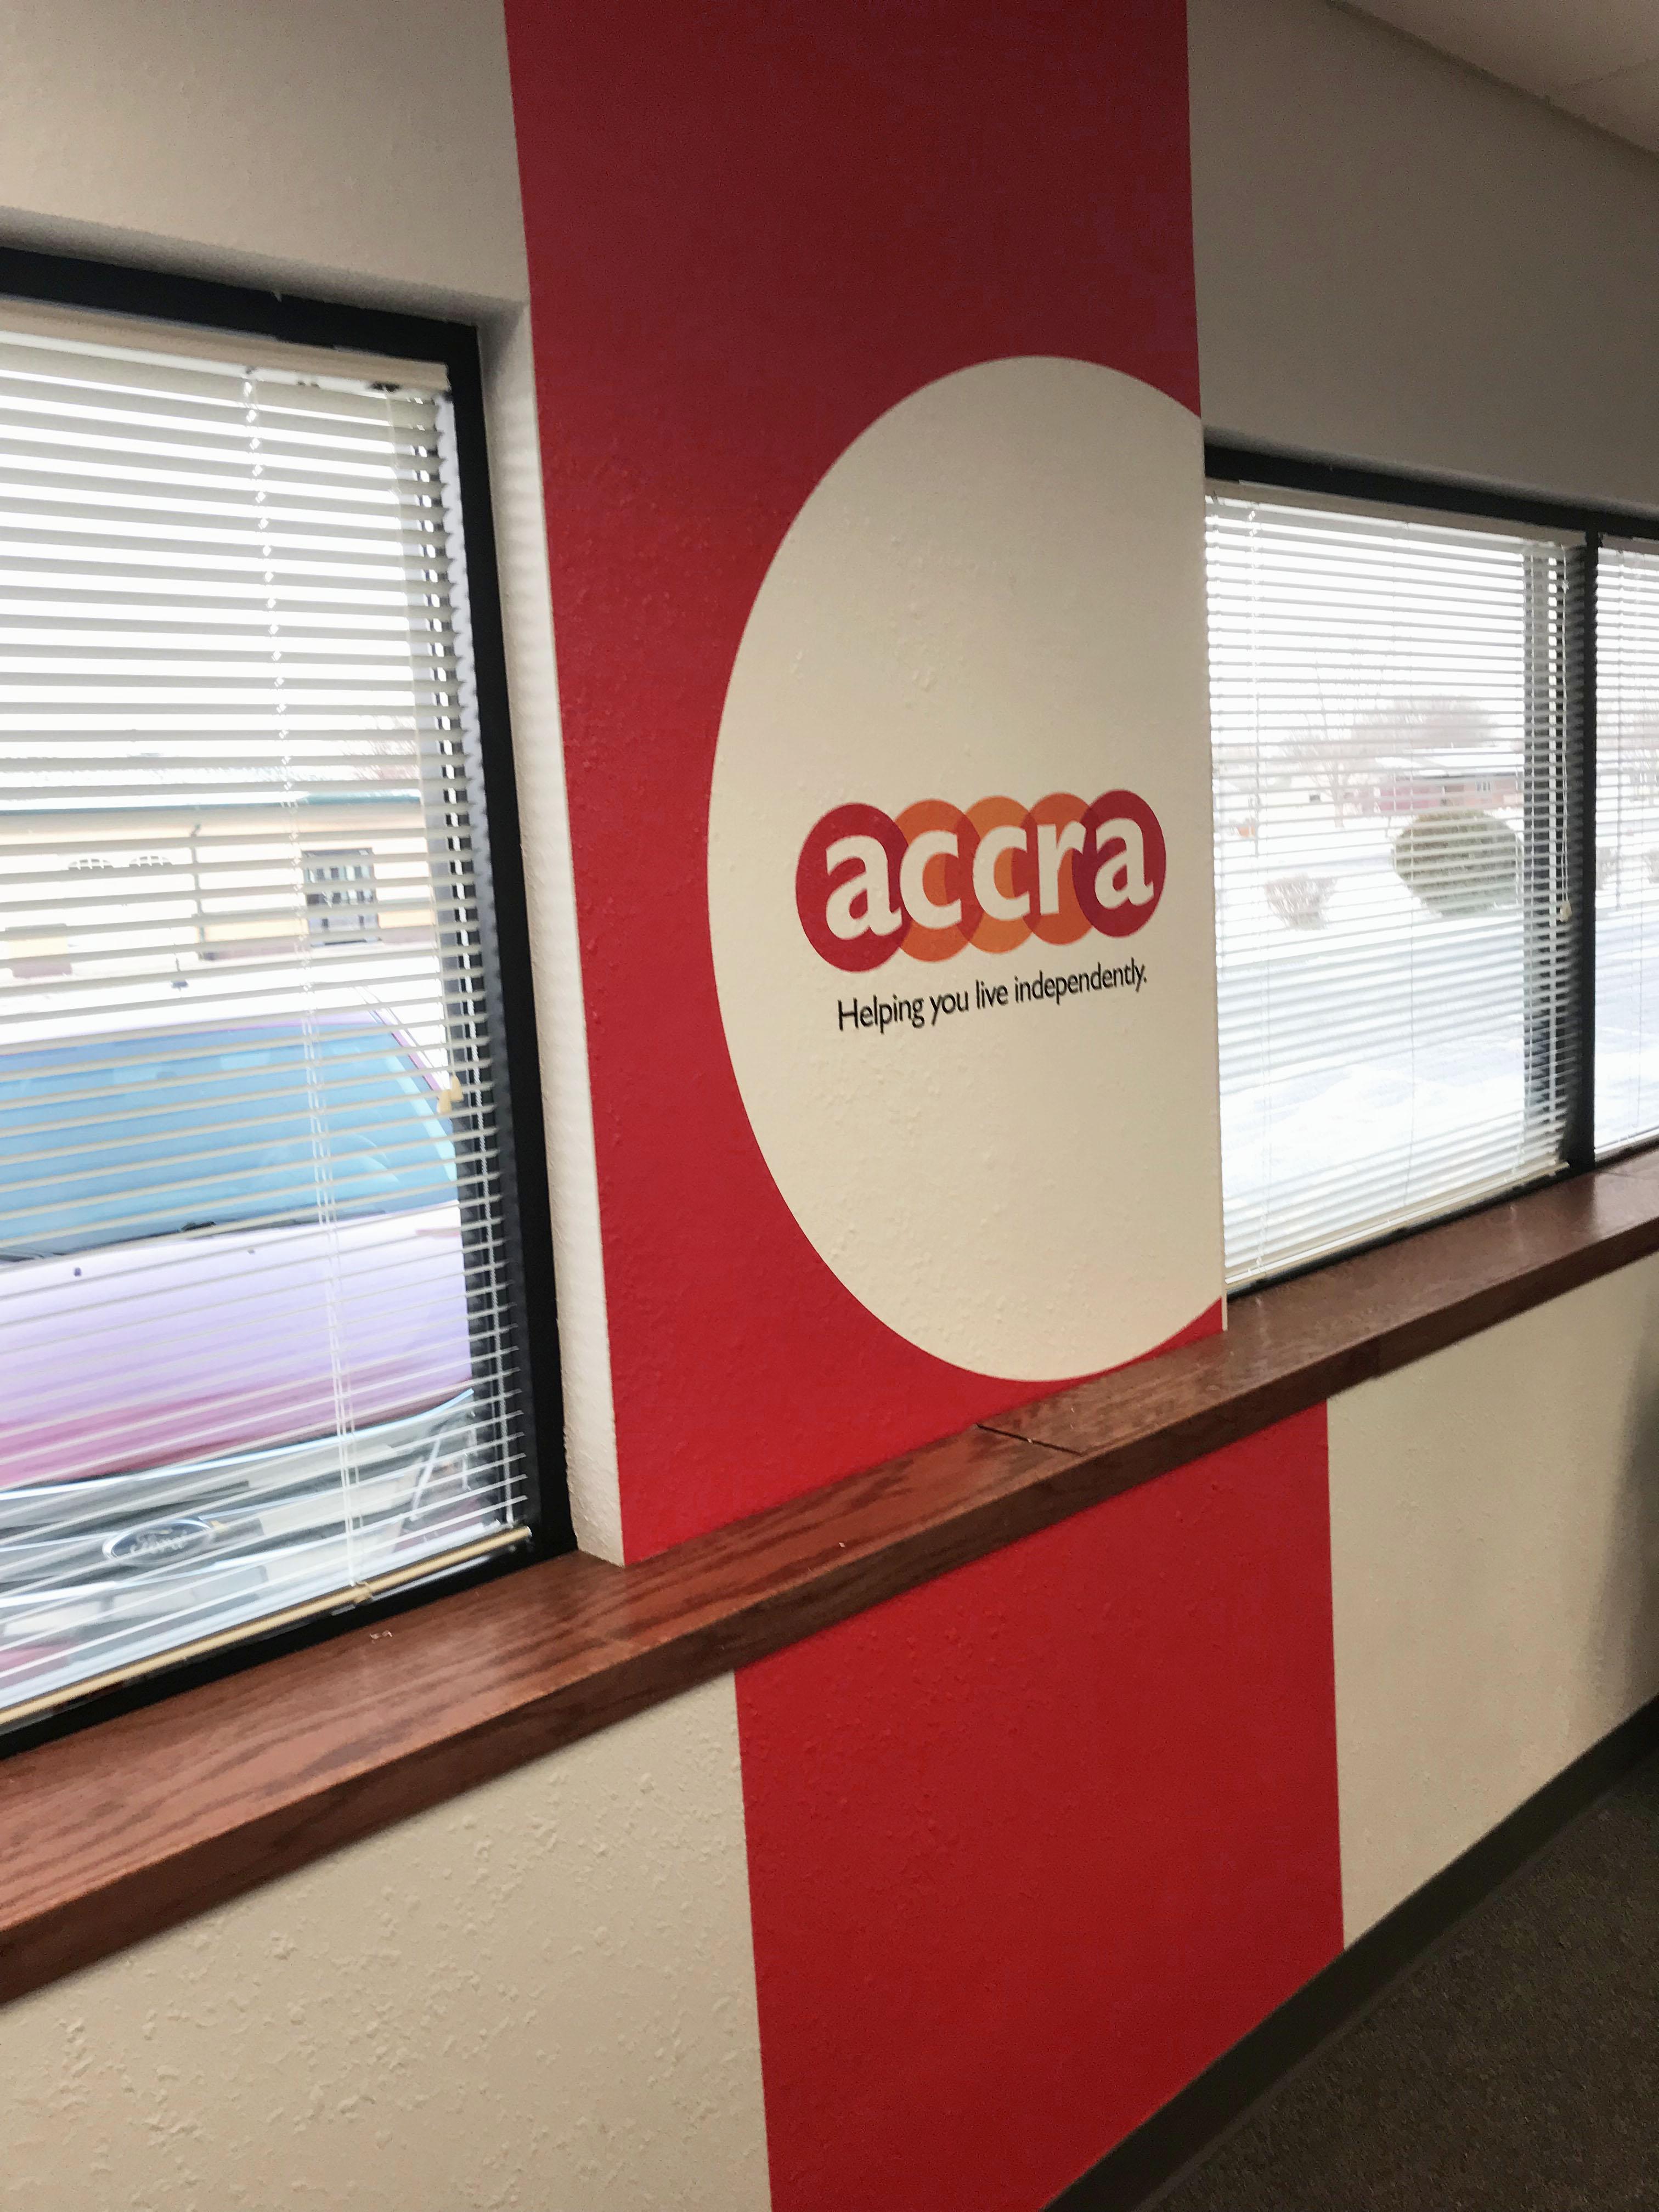 Accra Care